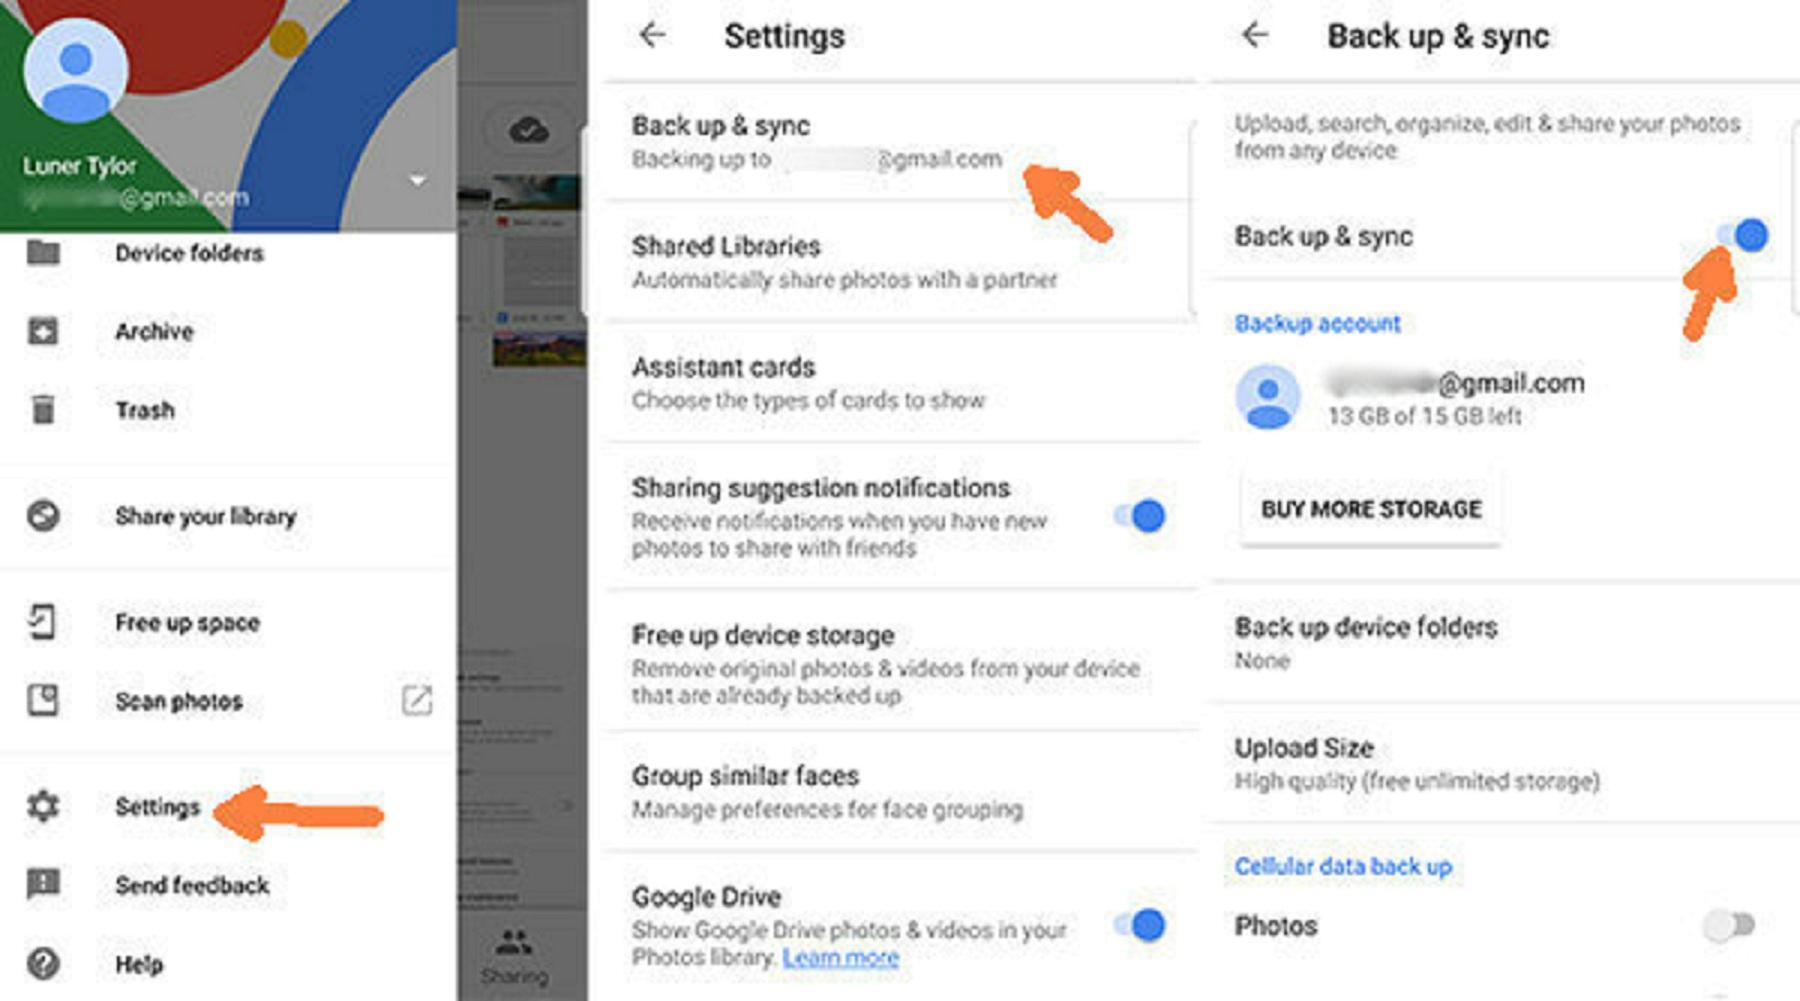 Lihat Cara Back Up Data Di Google Drive paling mudah